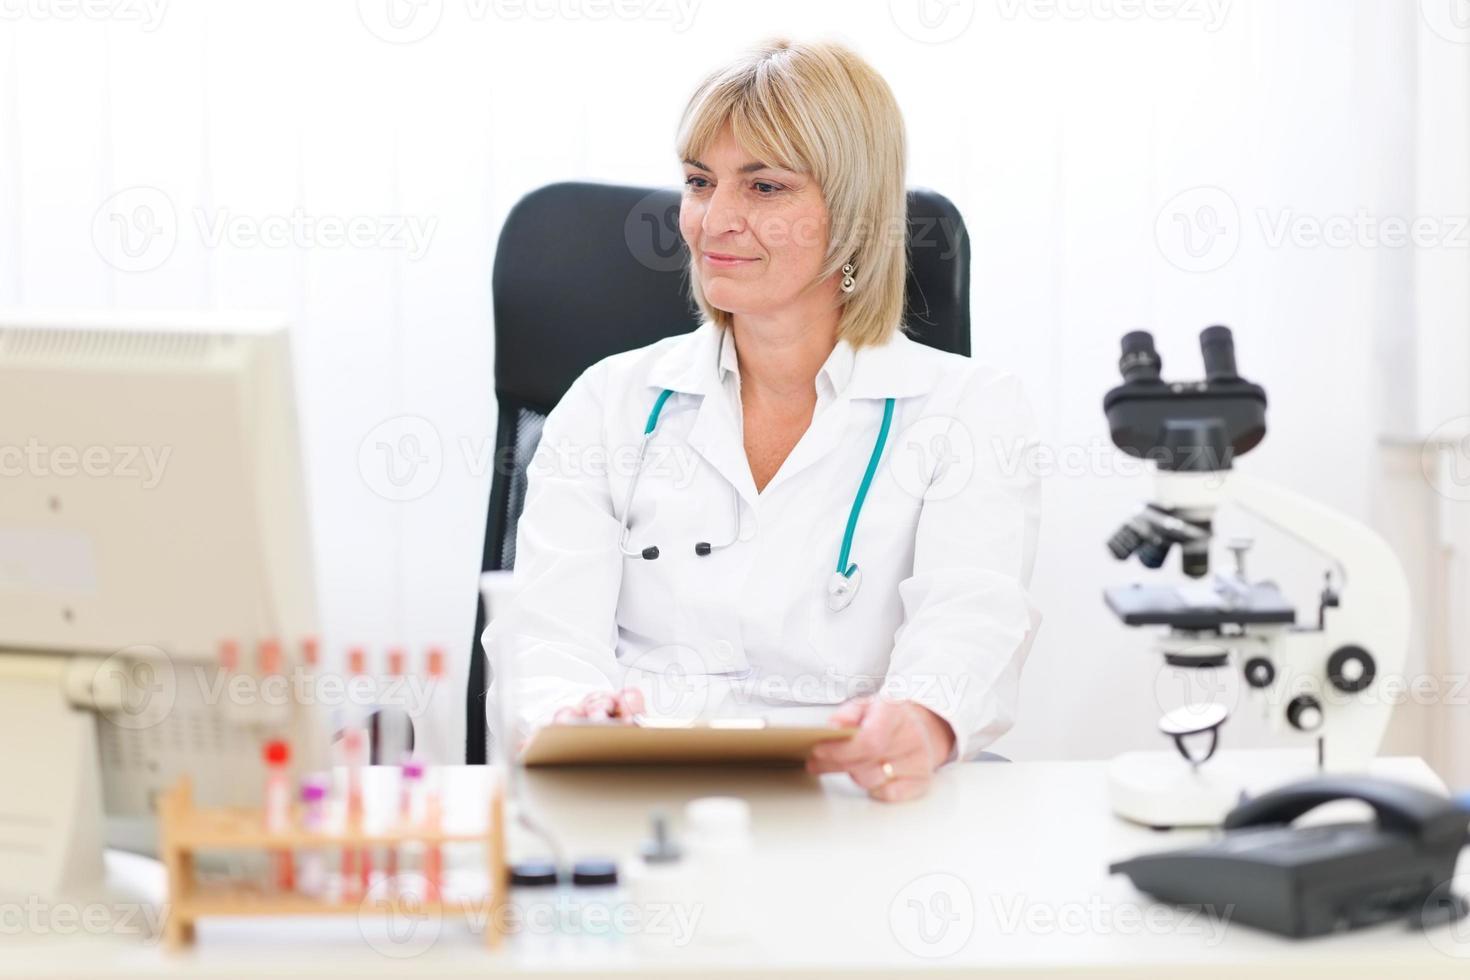 médica sênior trabalhando no escritório foto